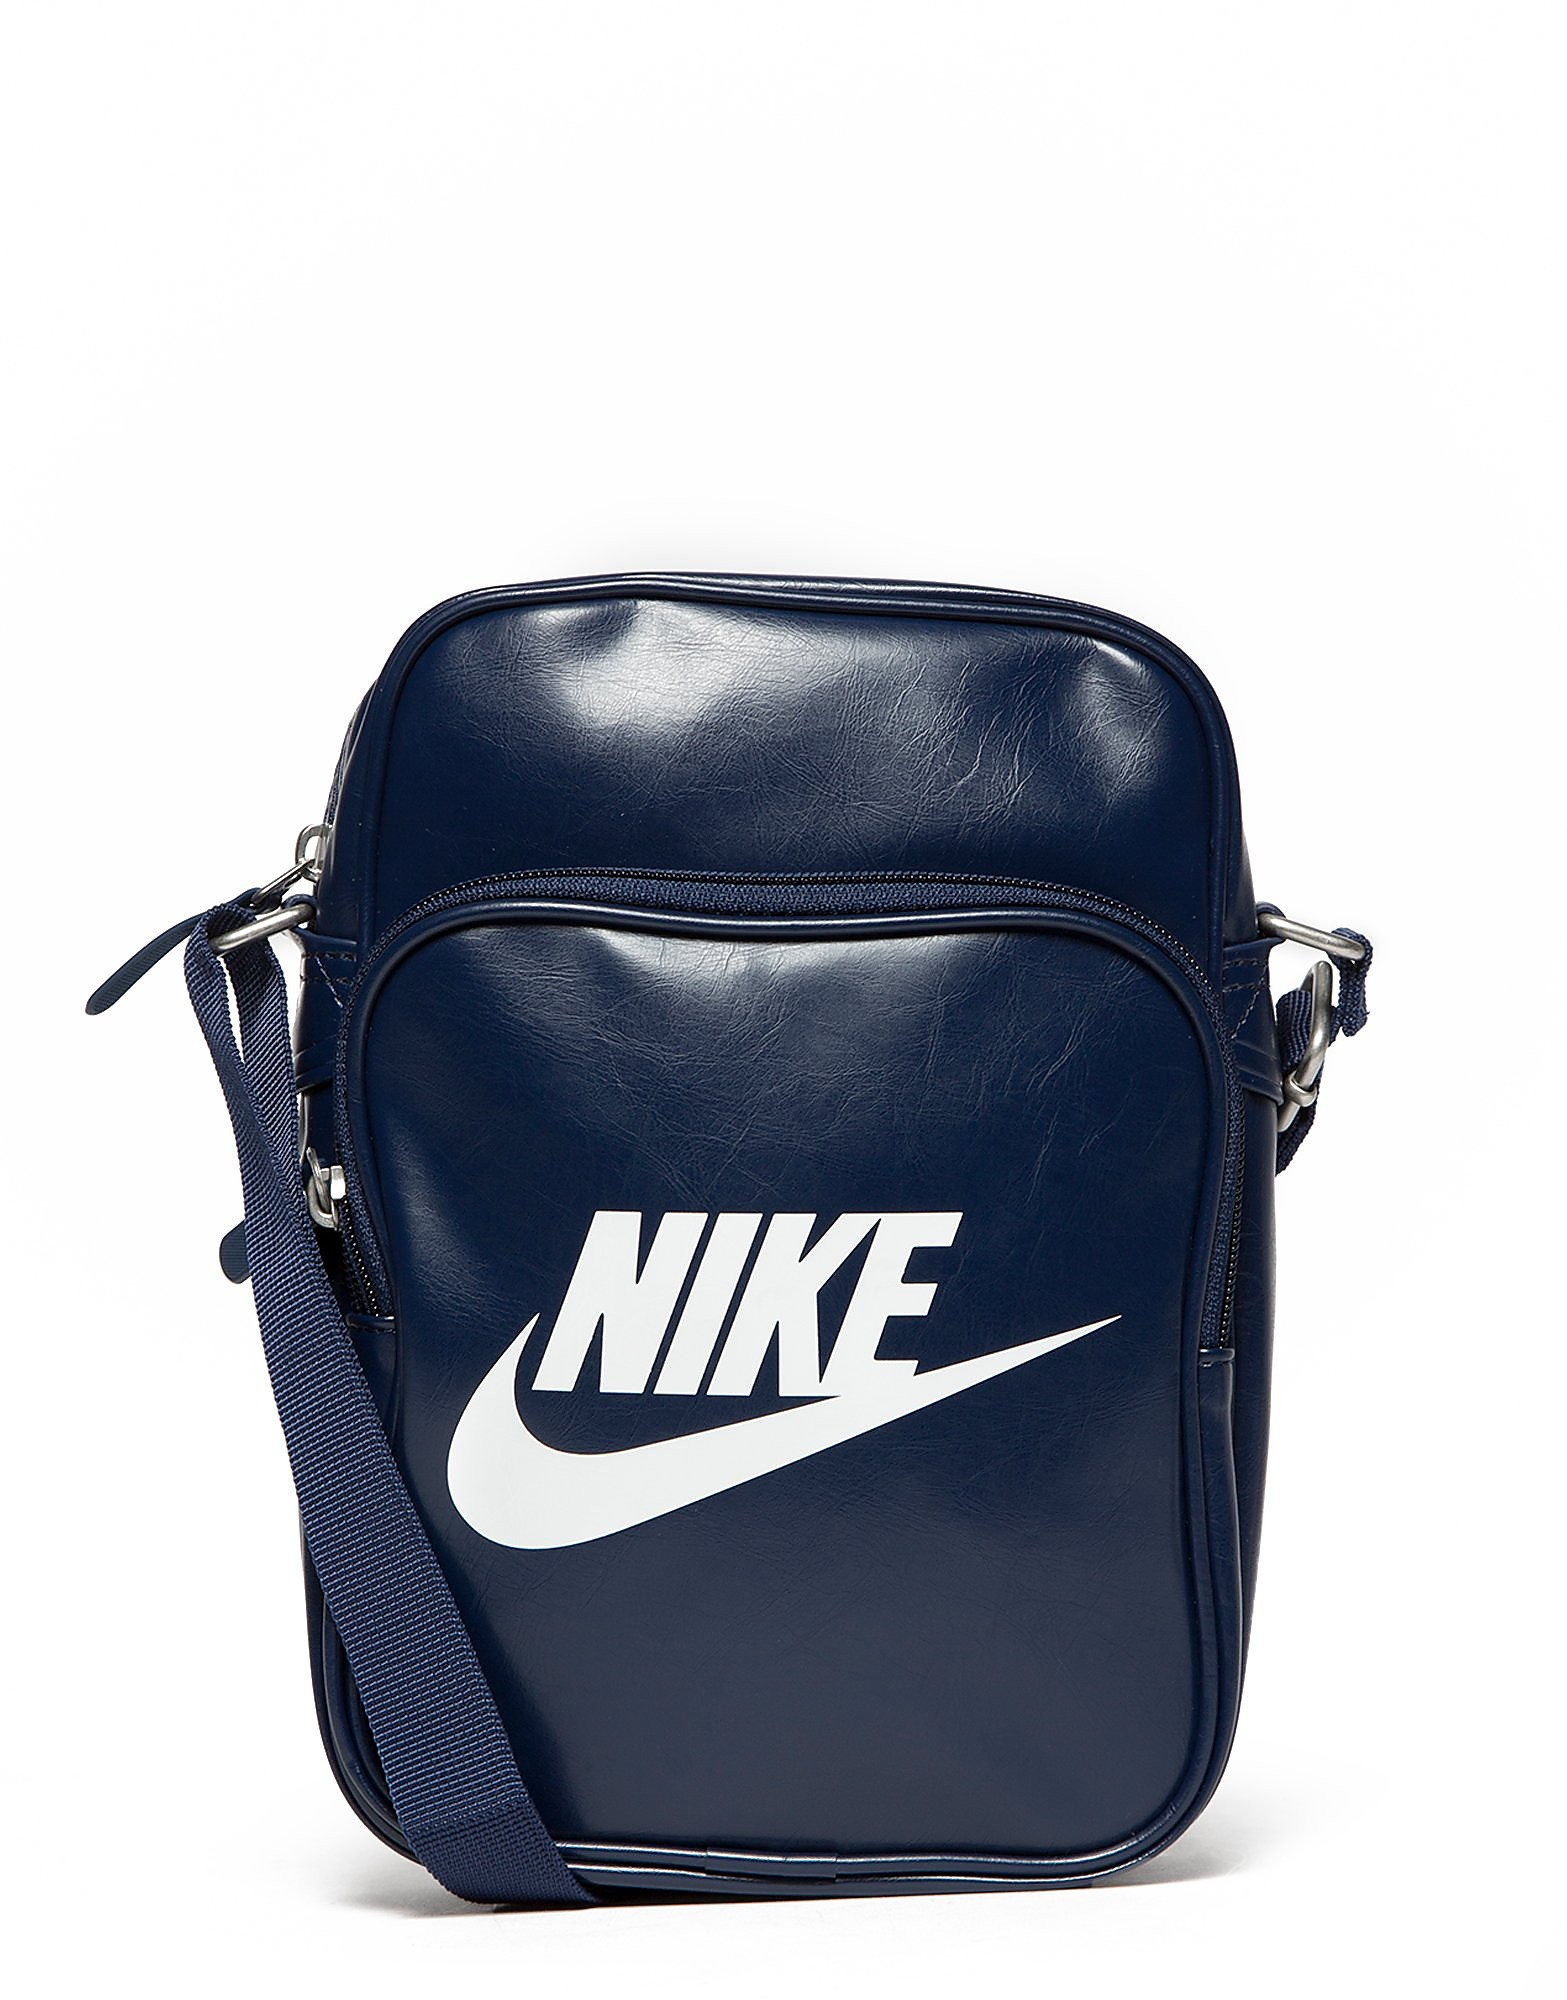 Nike Heritage Small Items Bag - Midnight Navy - Mens, Midnight Navy